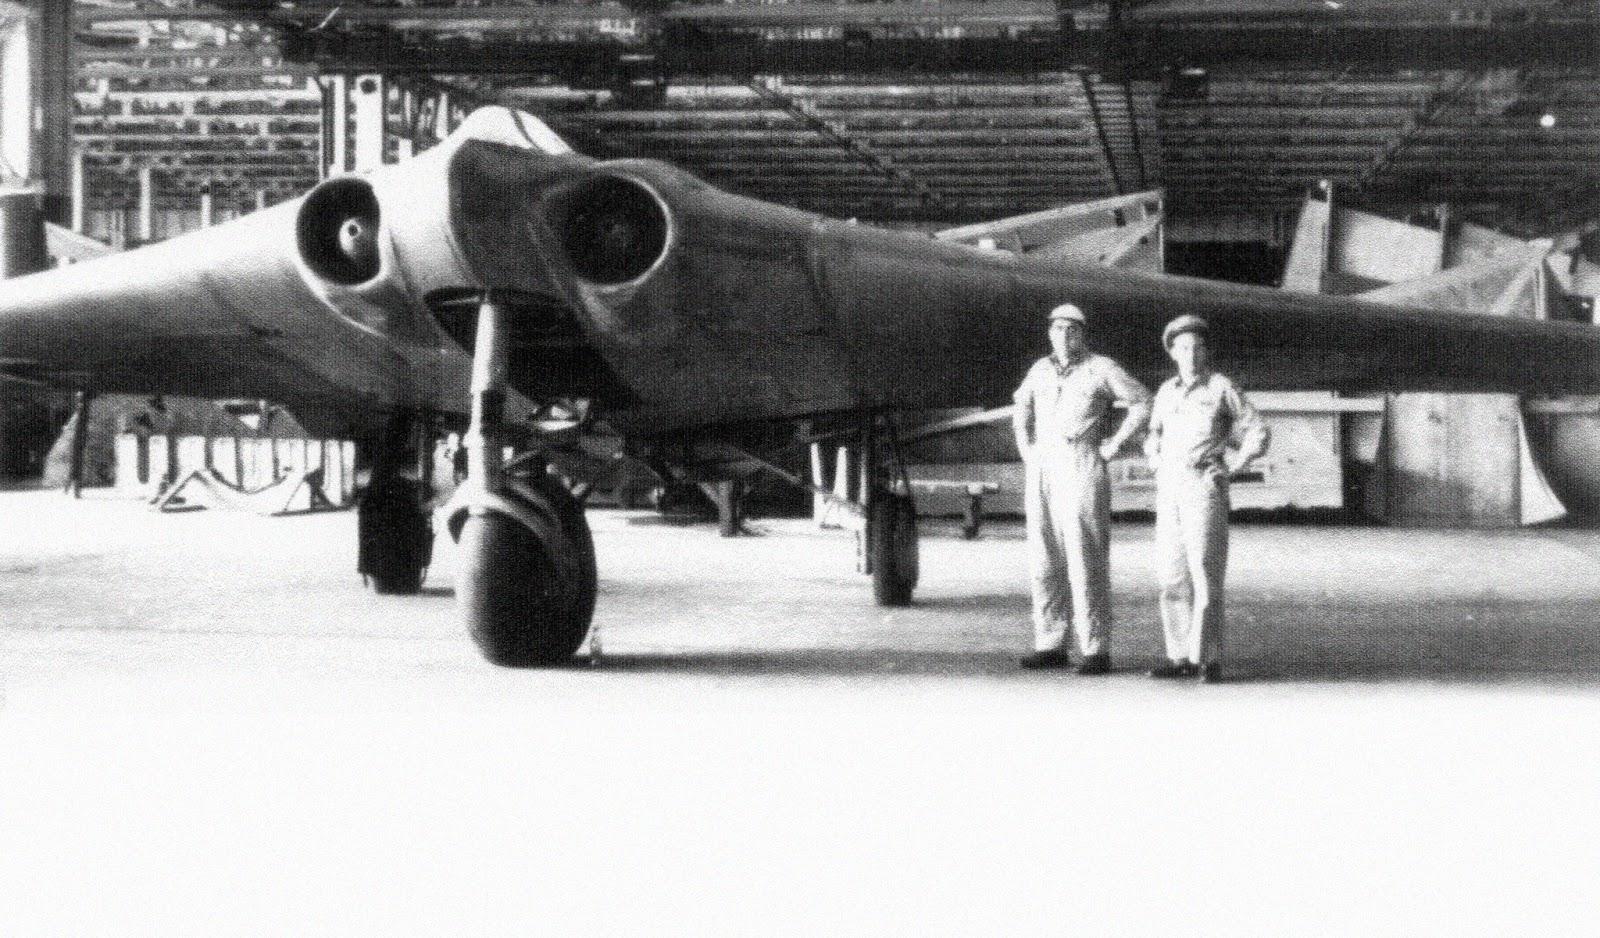 Horten-Ho-229